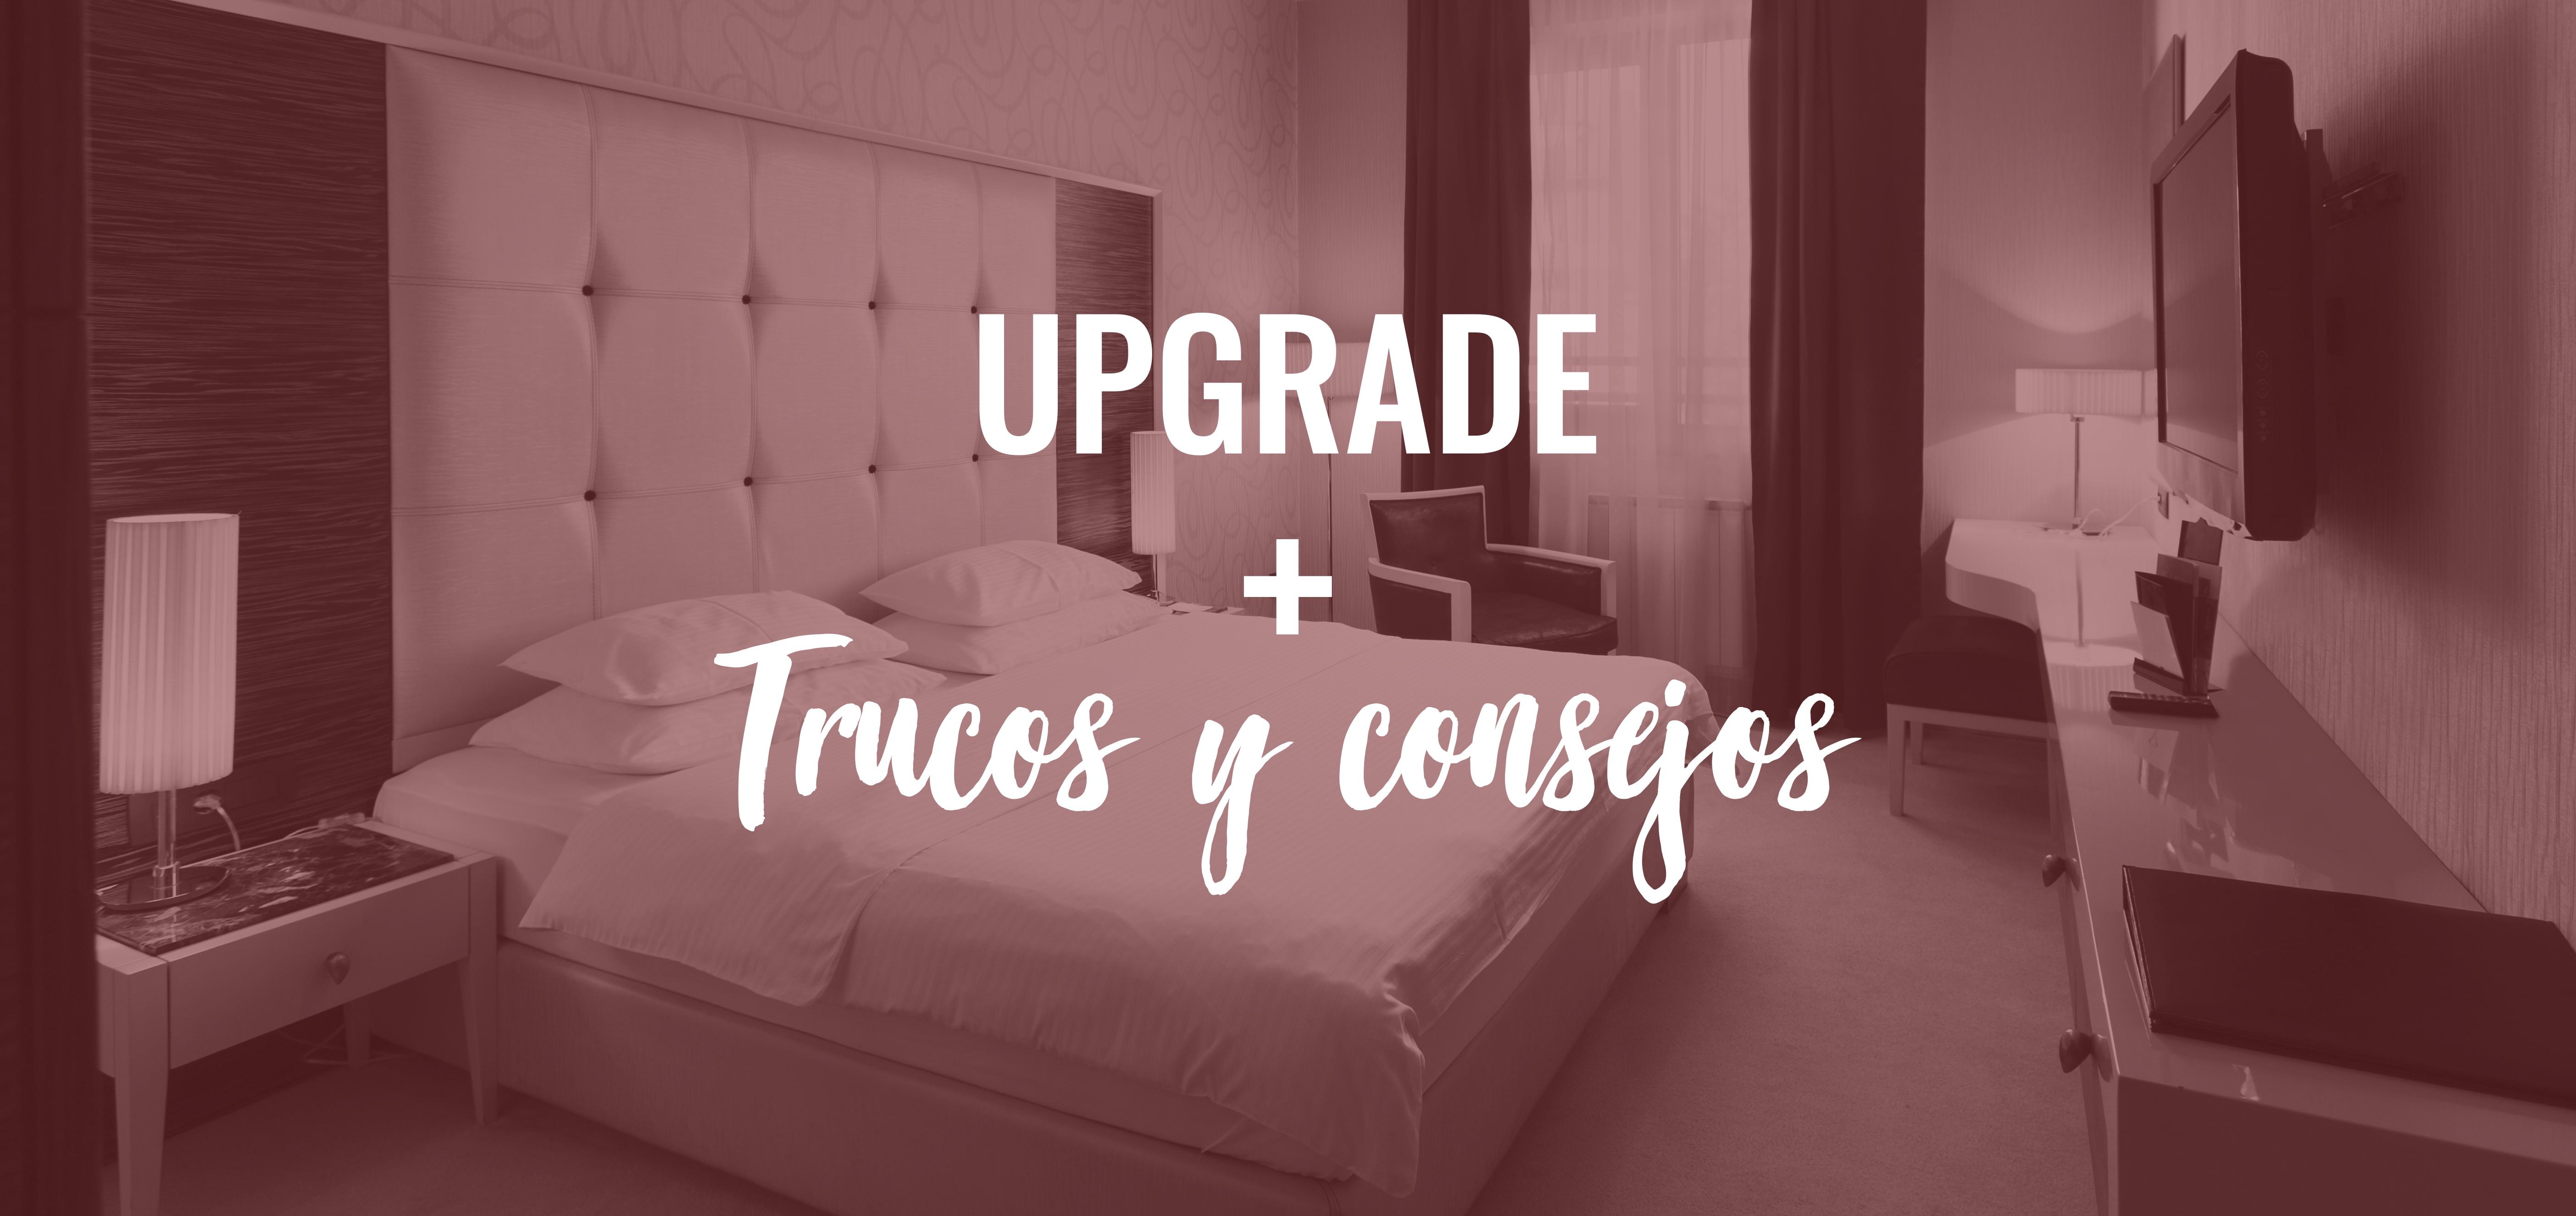 upgrade-buscounchollo